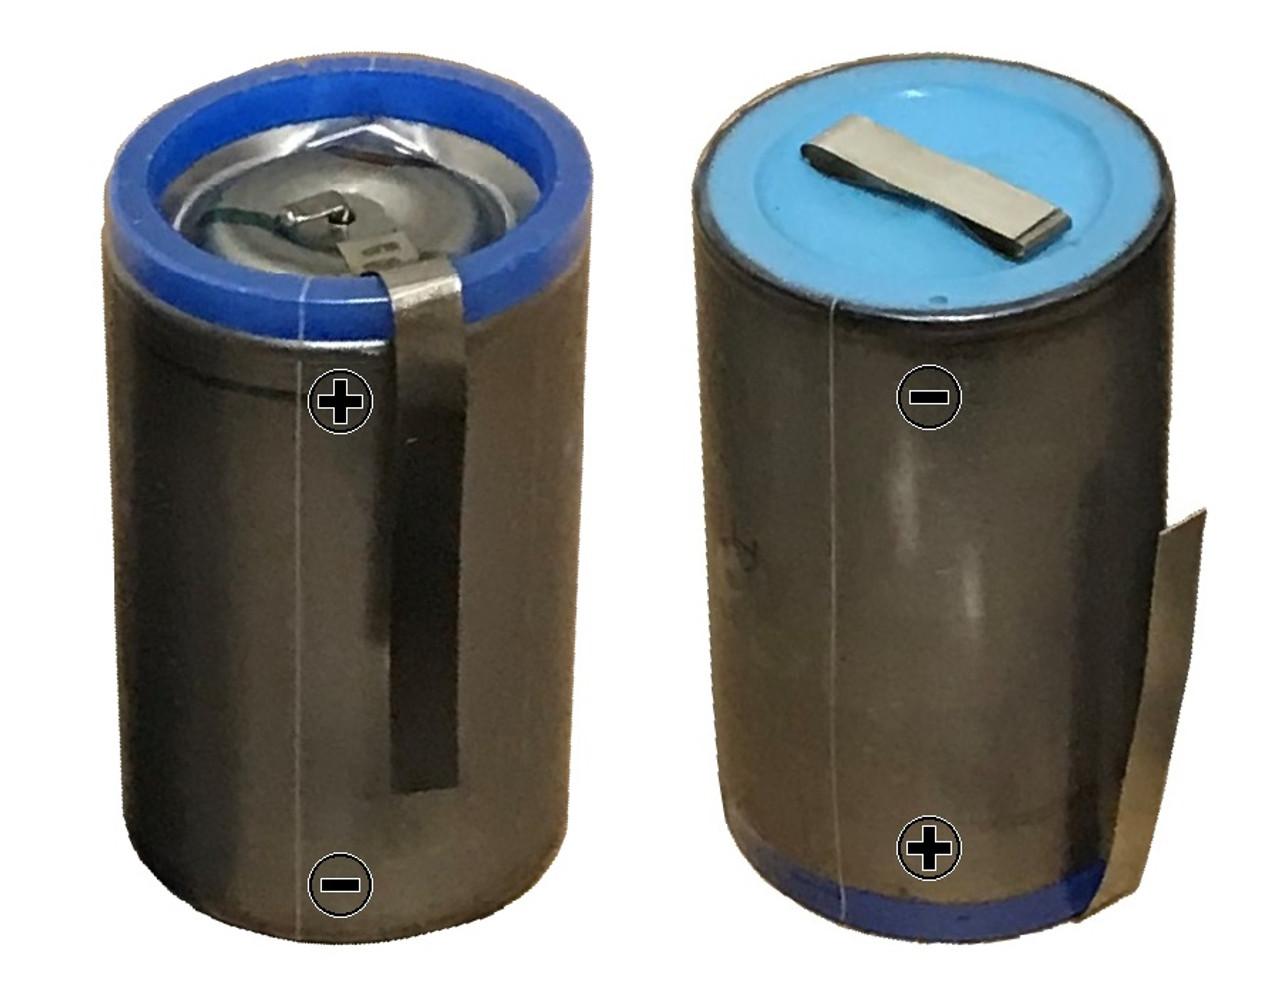 Saft LO26SHX - 3.0 Volt Primary Lithium D Battery - Saft # 37260170